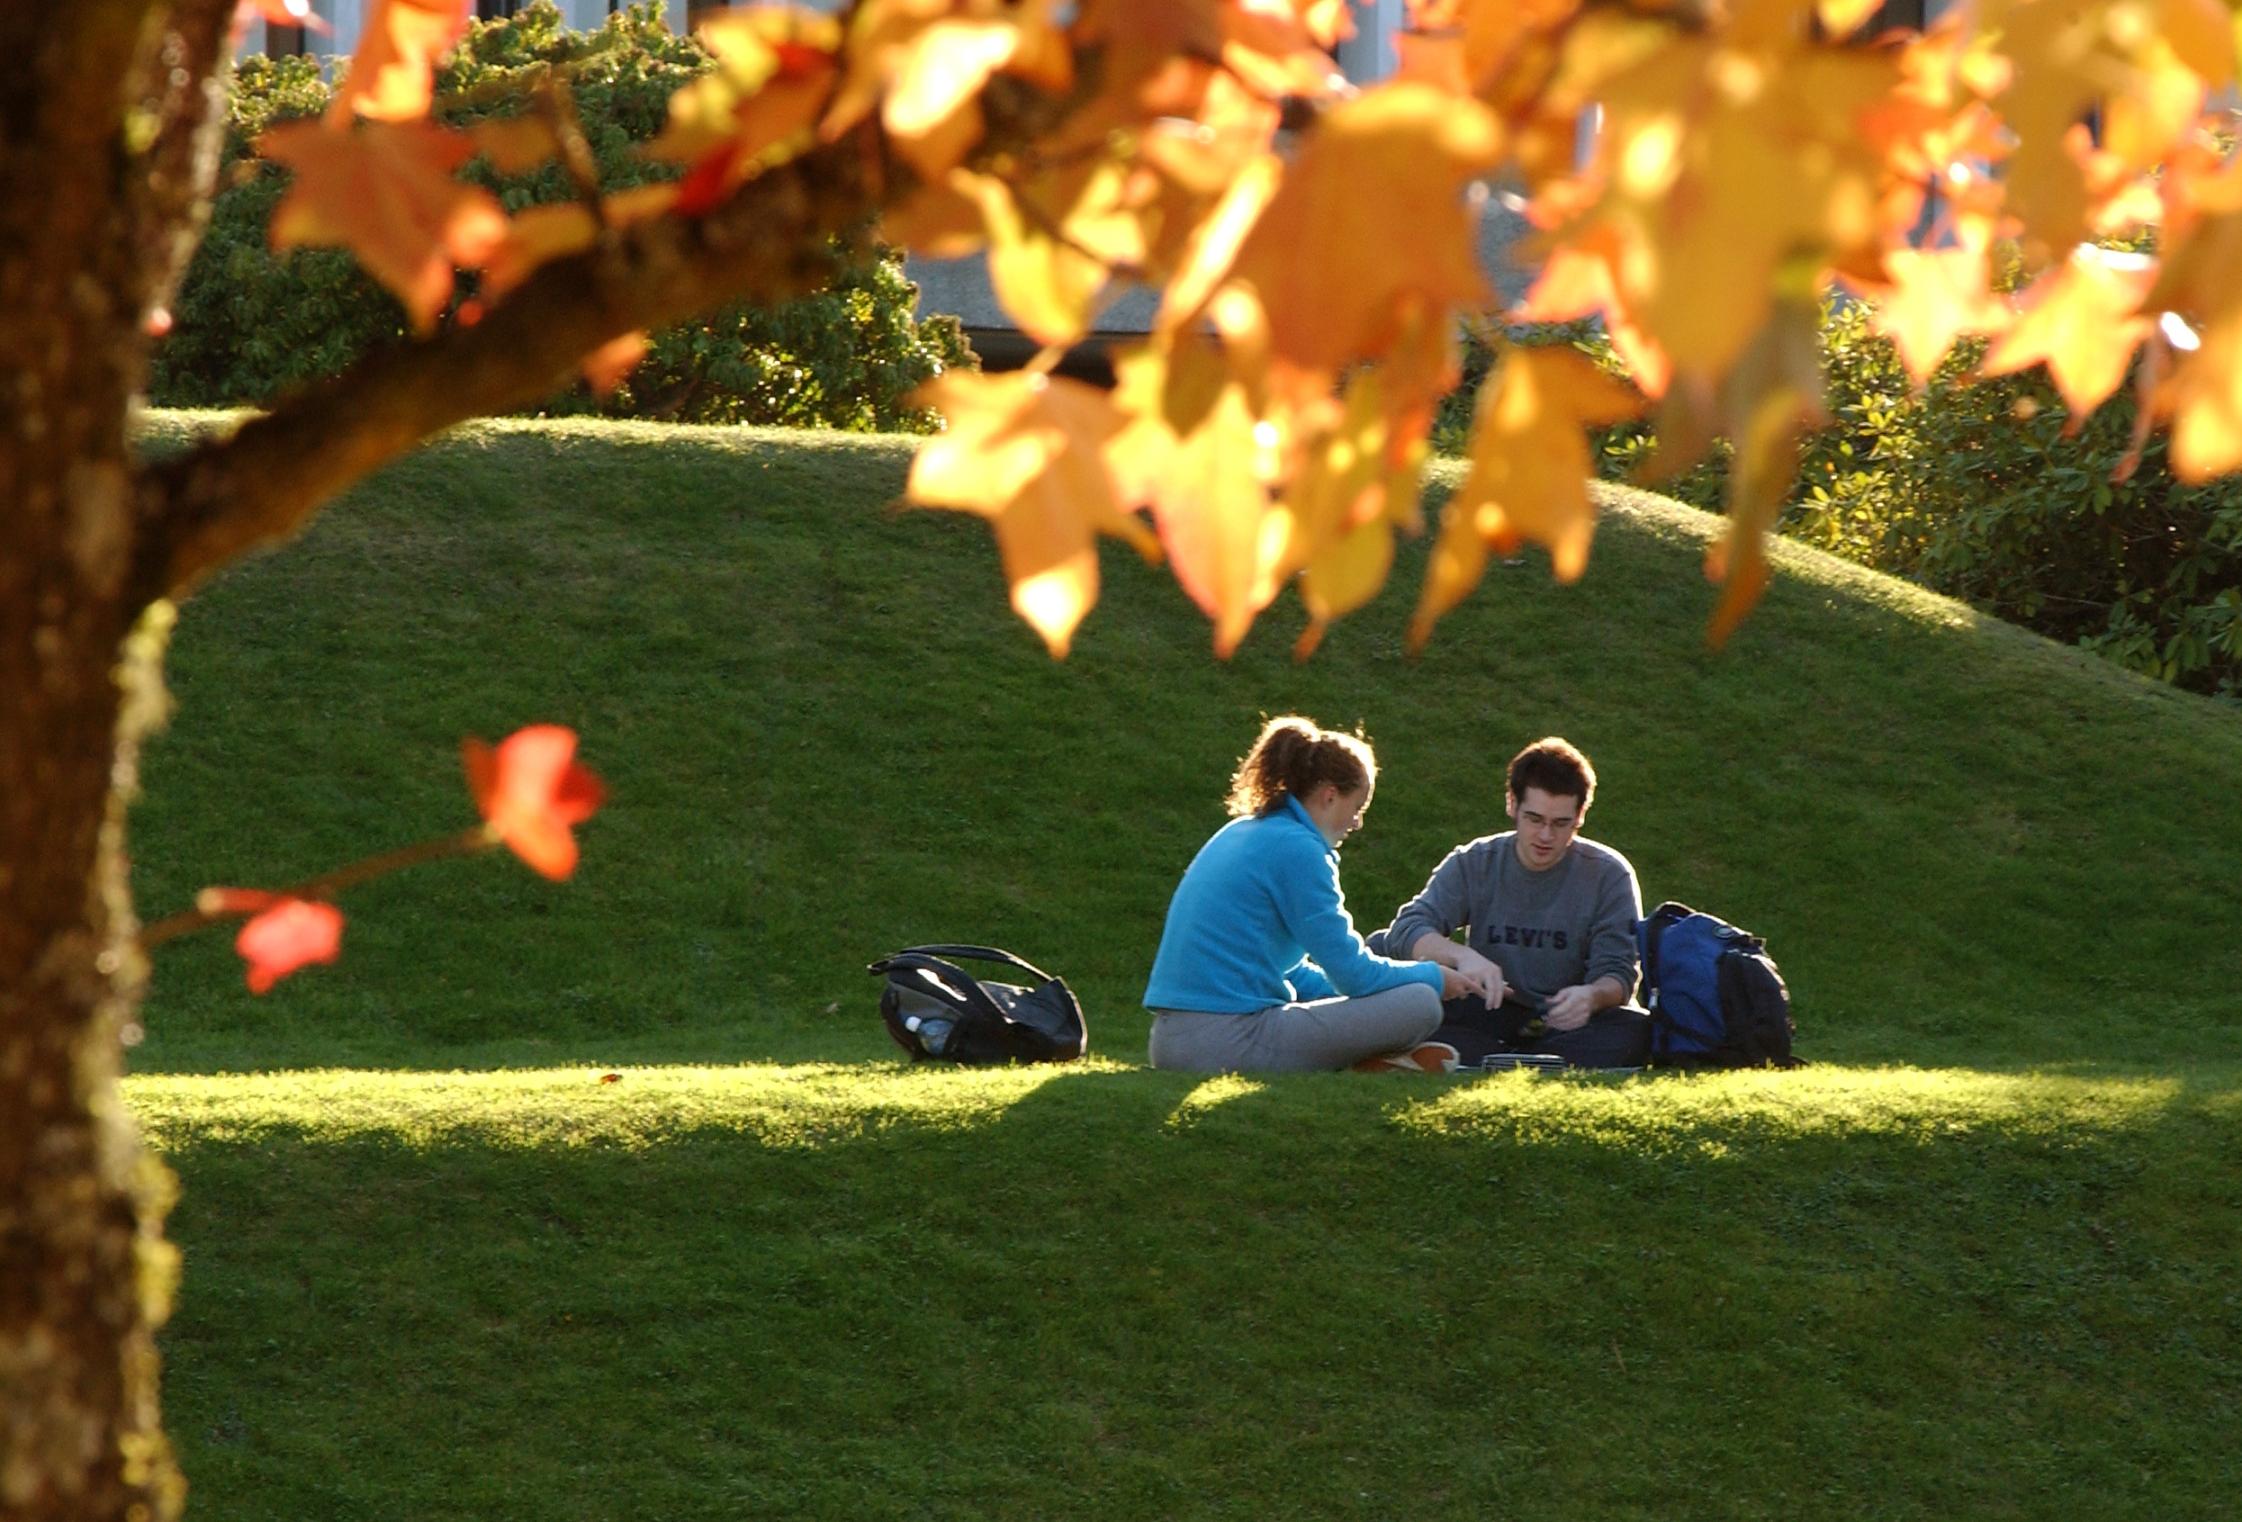 英国留学生学历学位认证学分不够怎么办